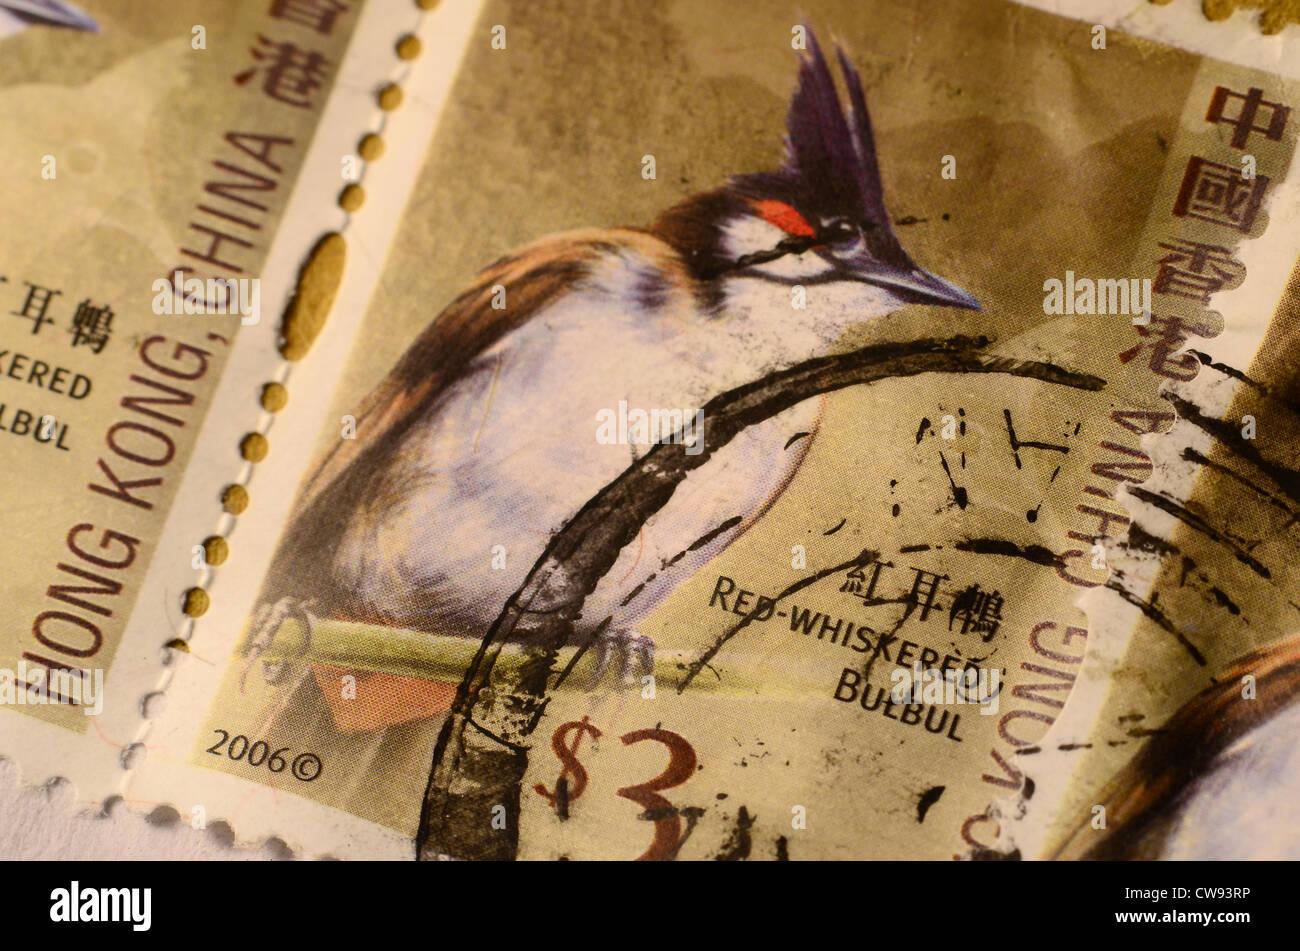 Hong Kong, China used Stamps - Stock Image